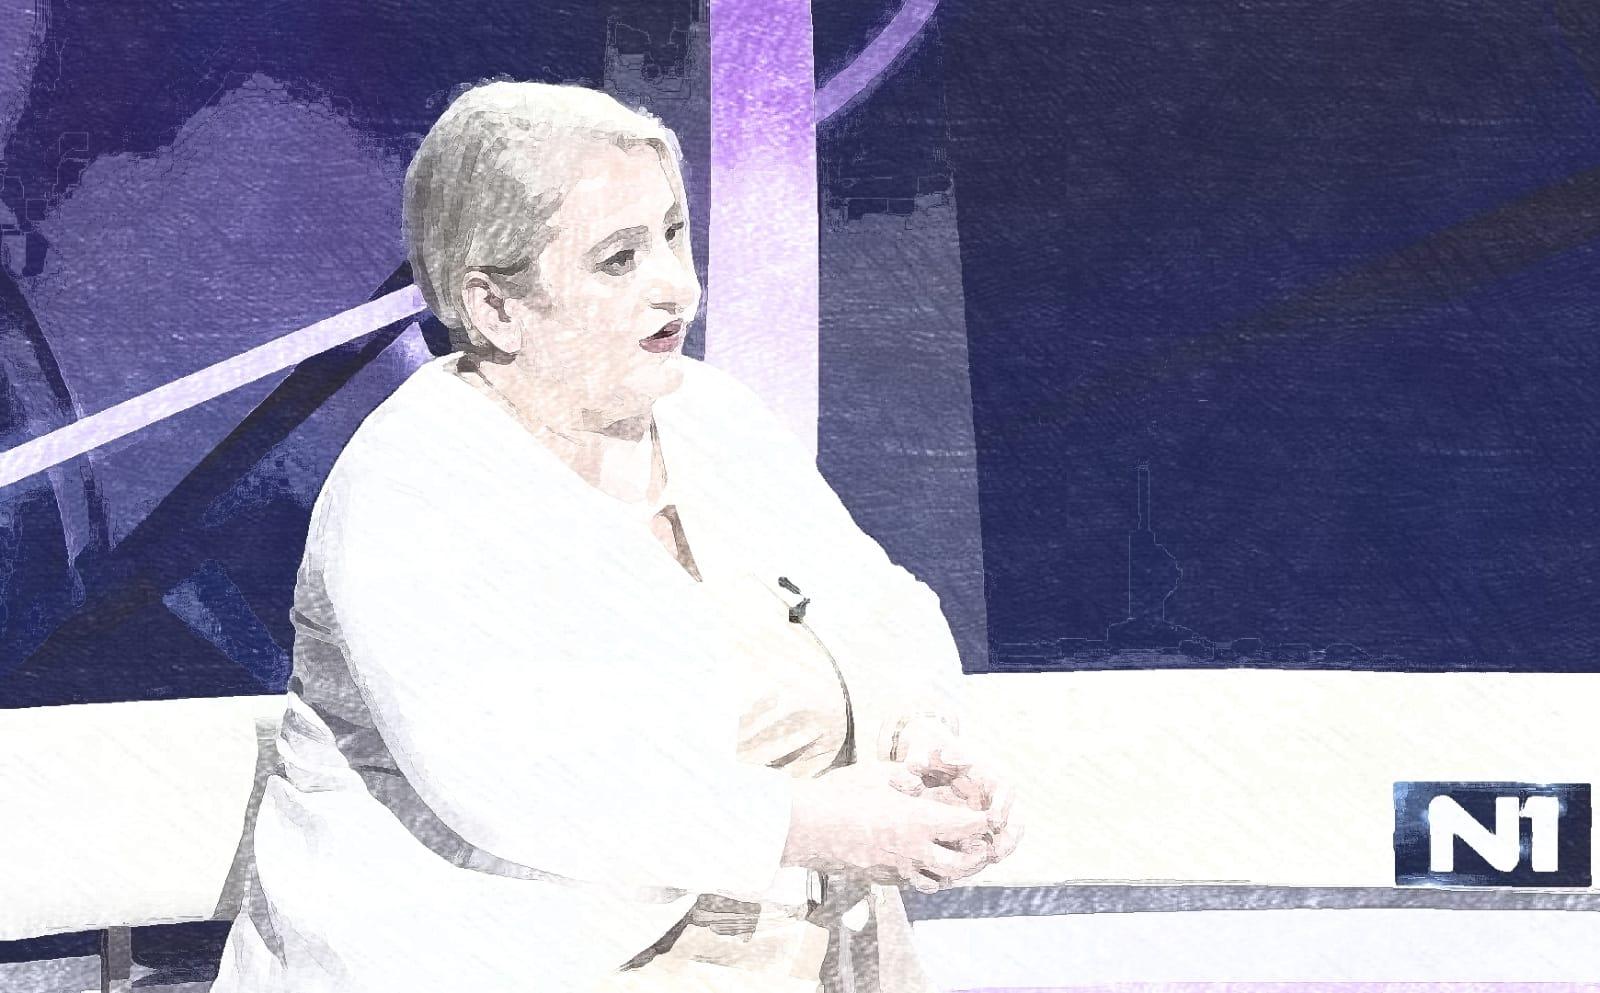 Diana Zelenika je pomogla HDZ-u 1990 kao rijetko tko do sada